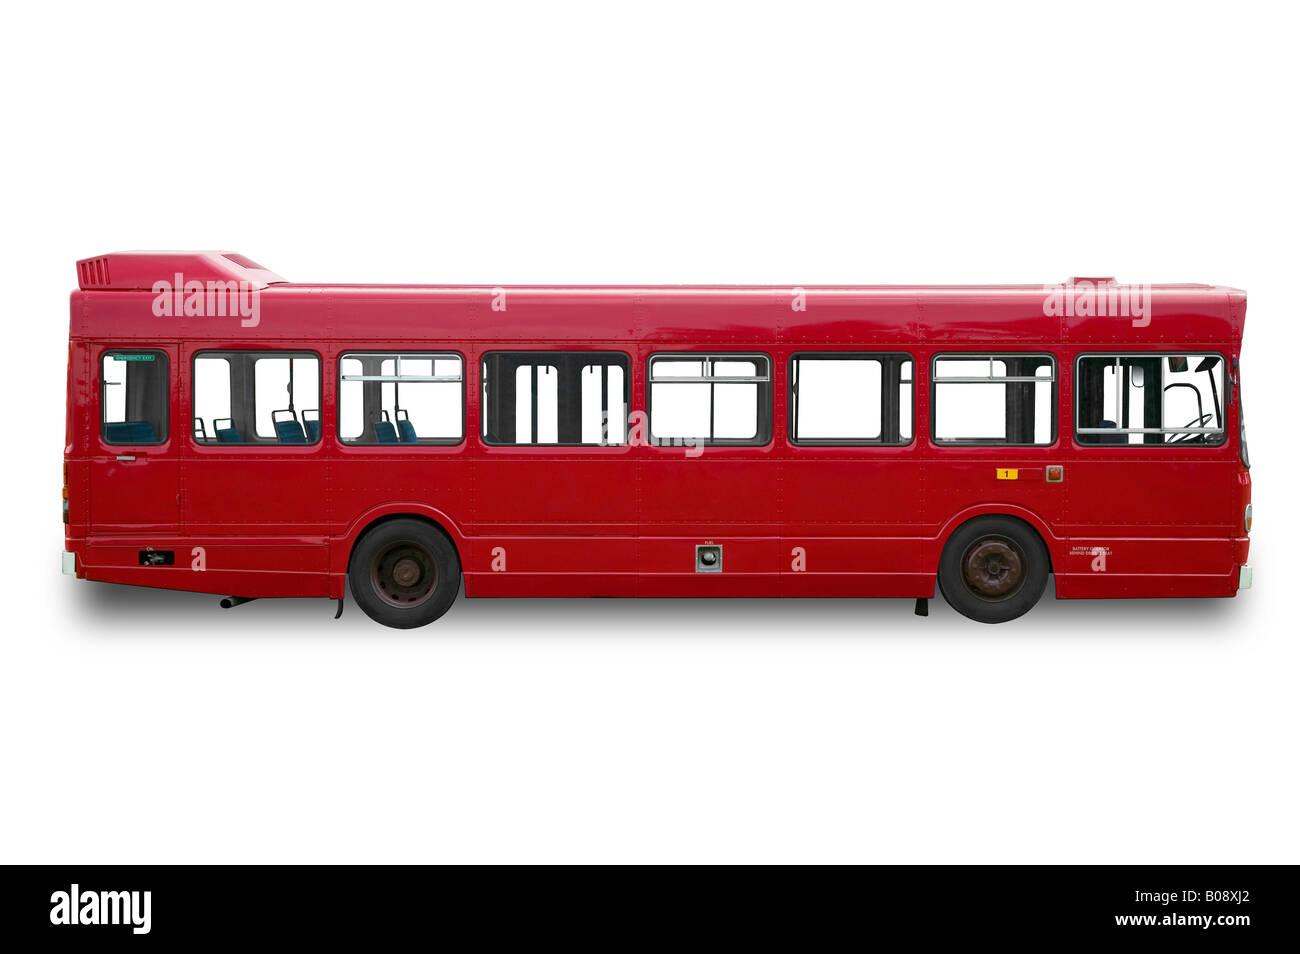 Roten Eindecker Bus Trainer isoliert auf weißem Hintergrund Stockbild